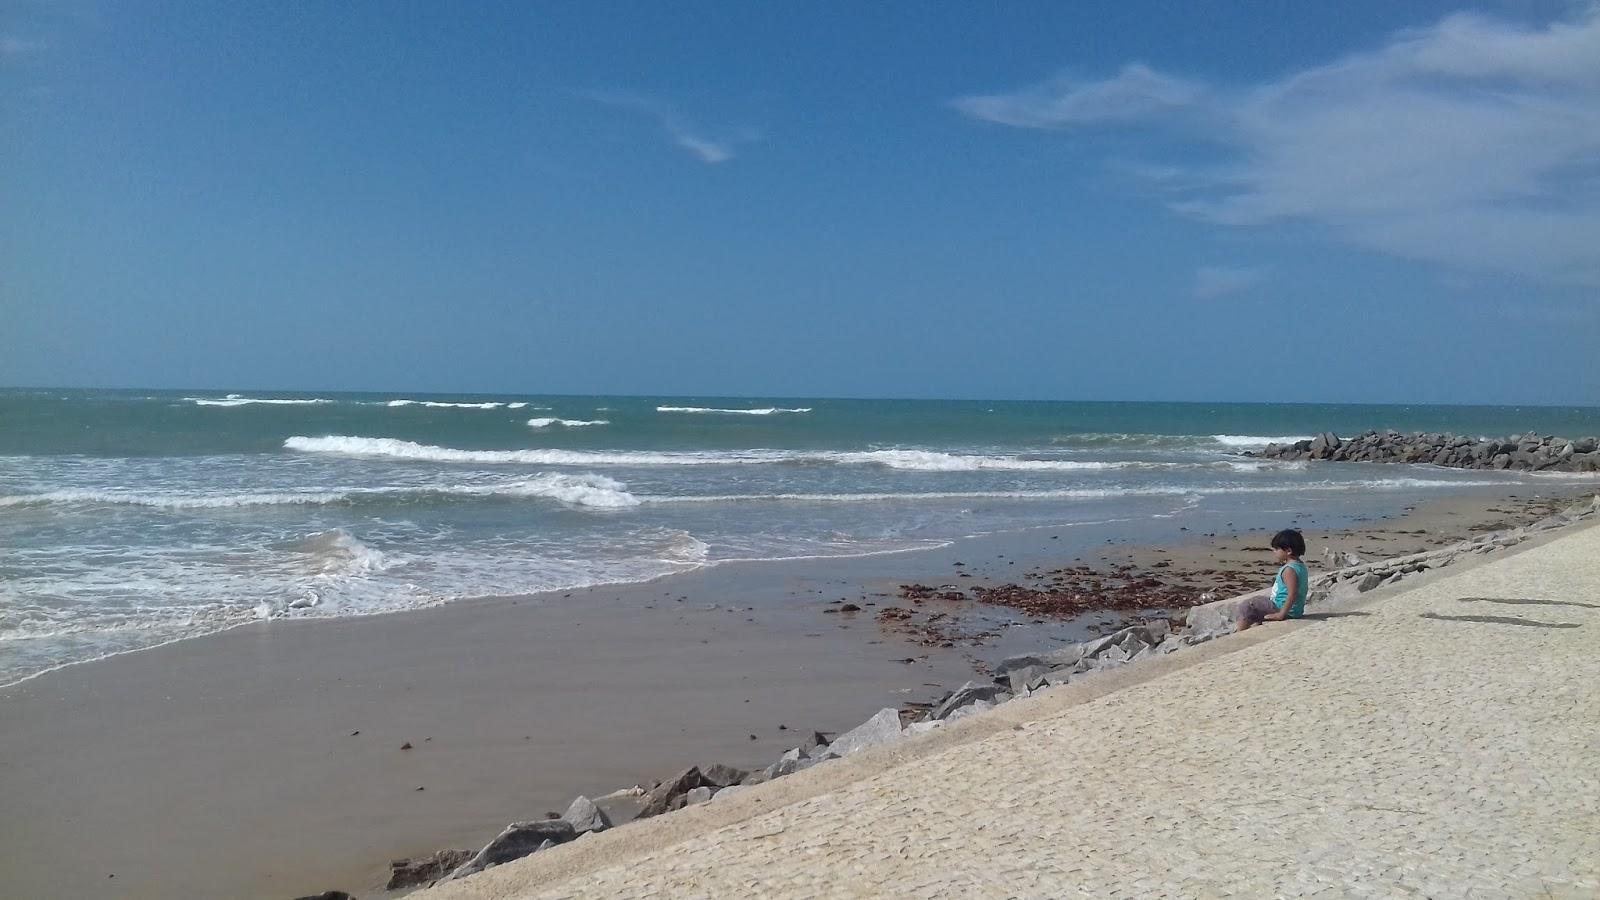 mirante da praia de mundaú